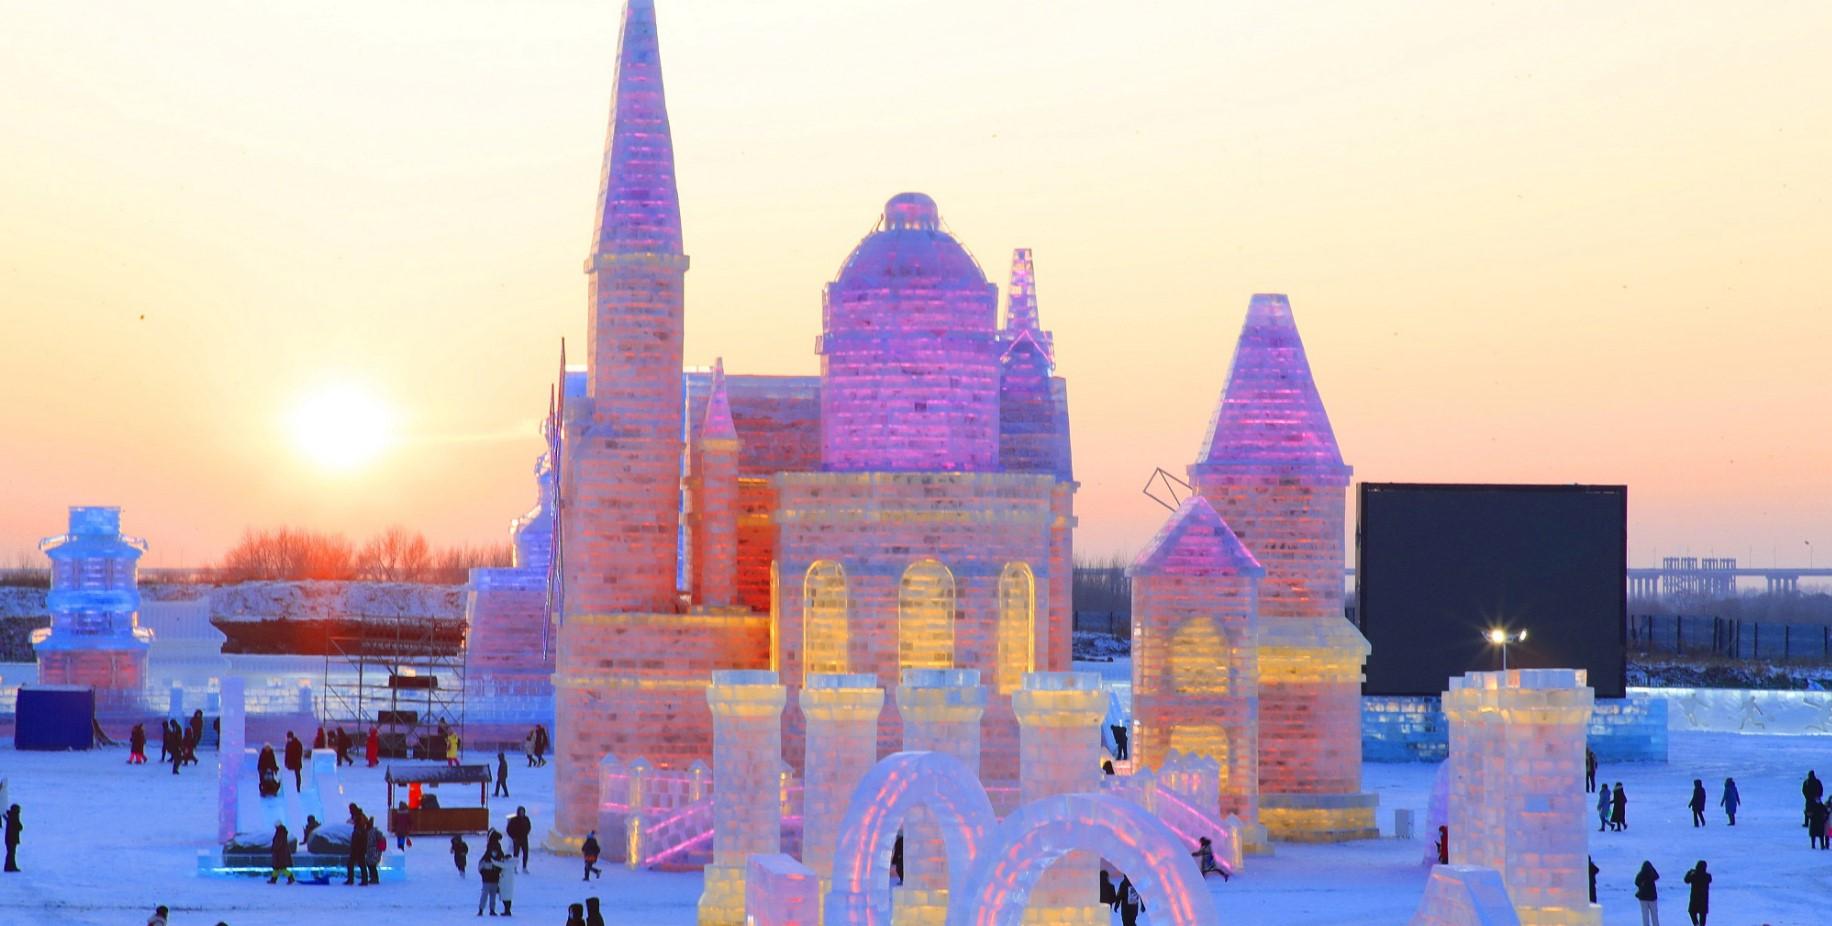 sculture di ghiaccio in harbin